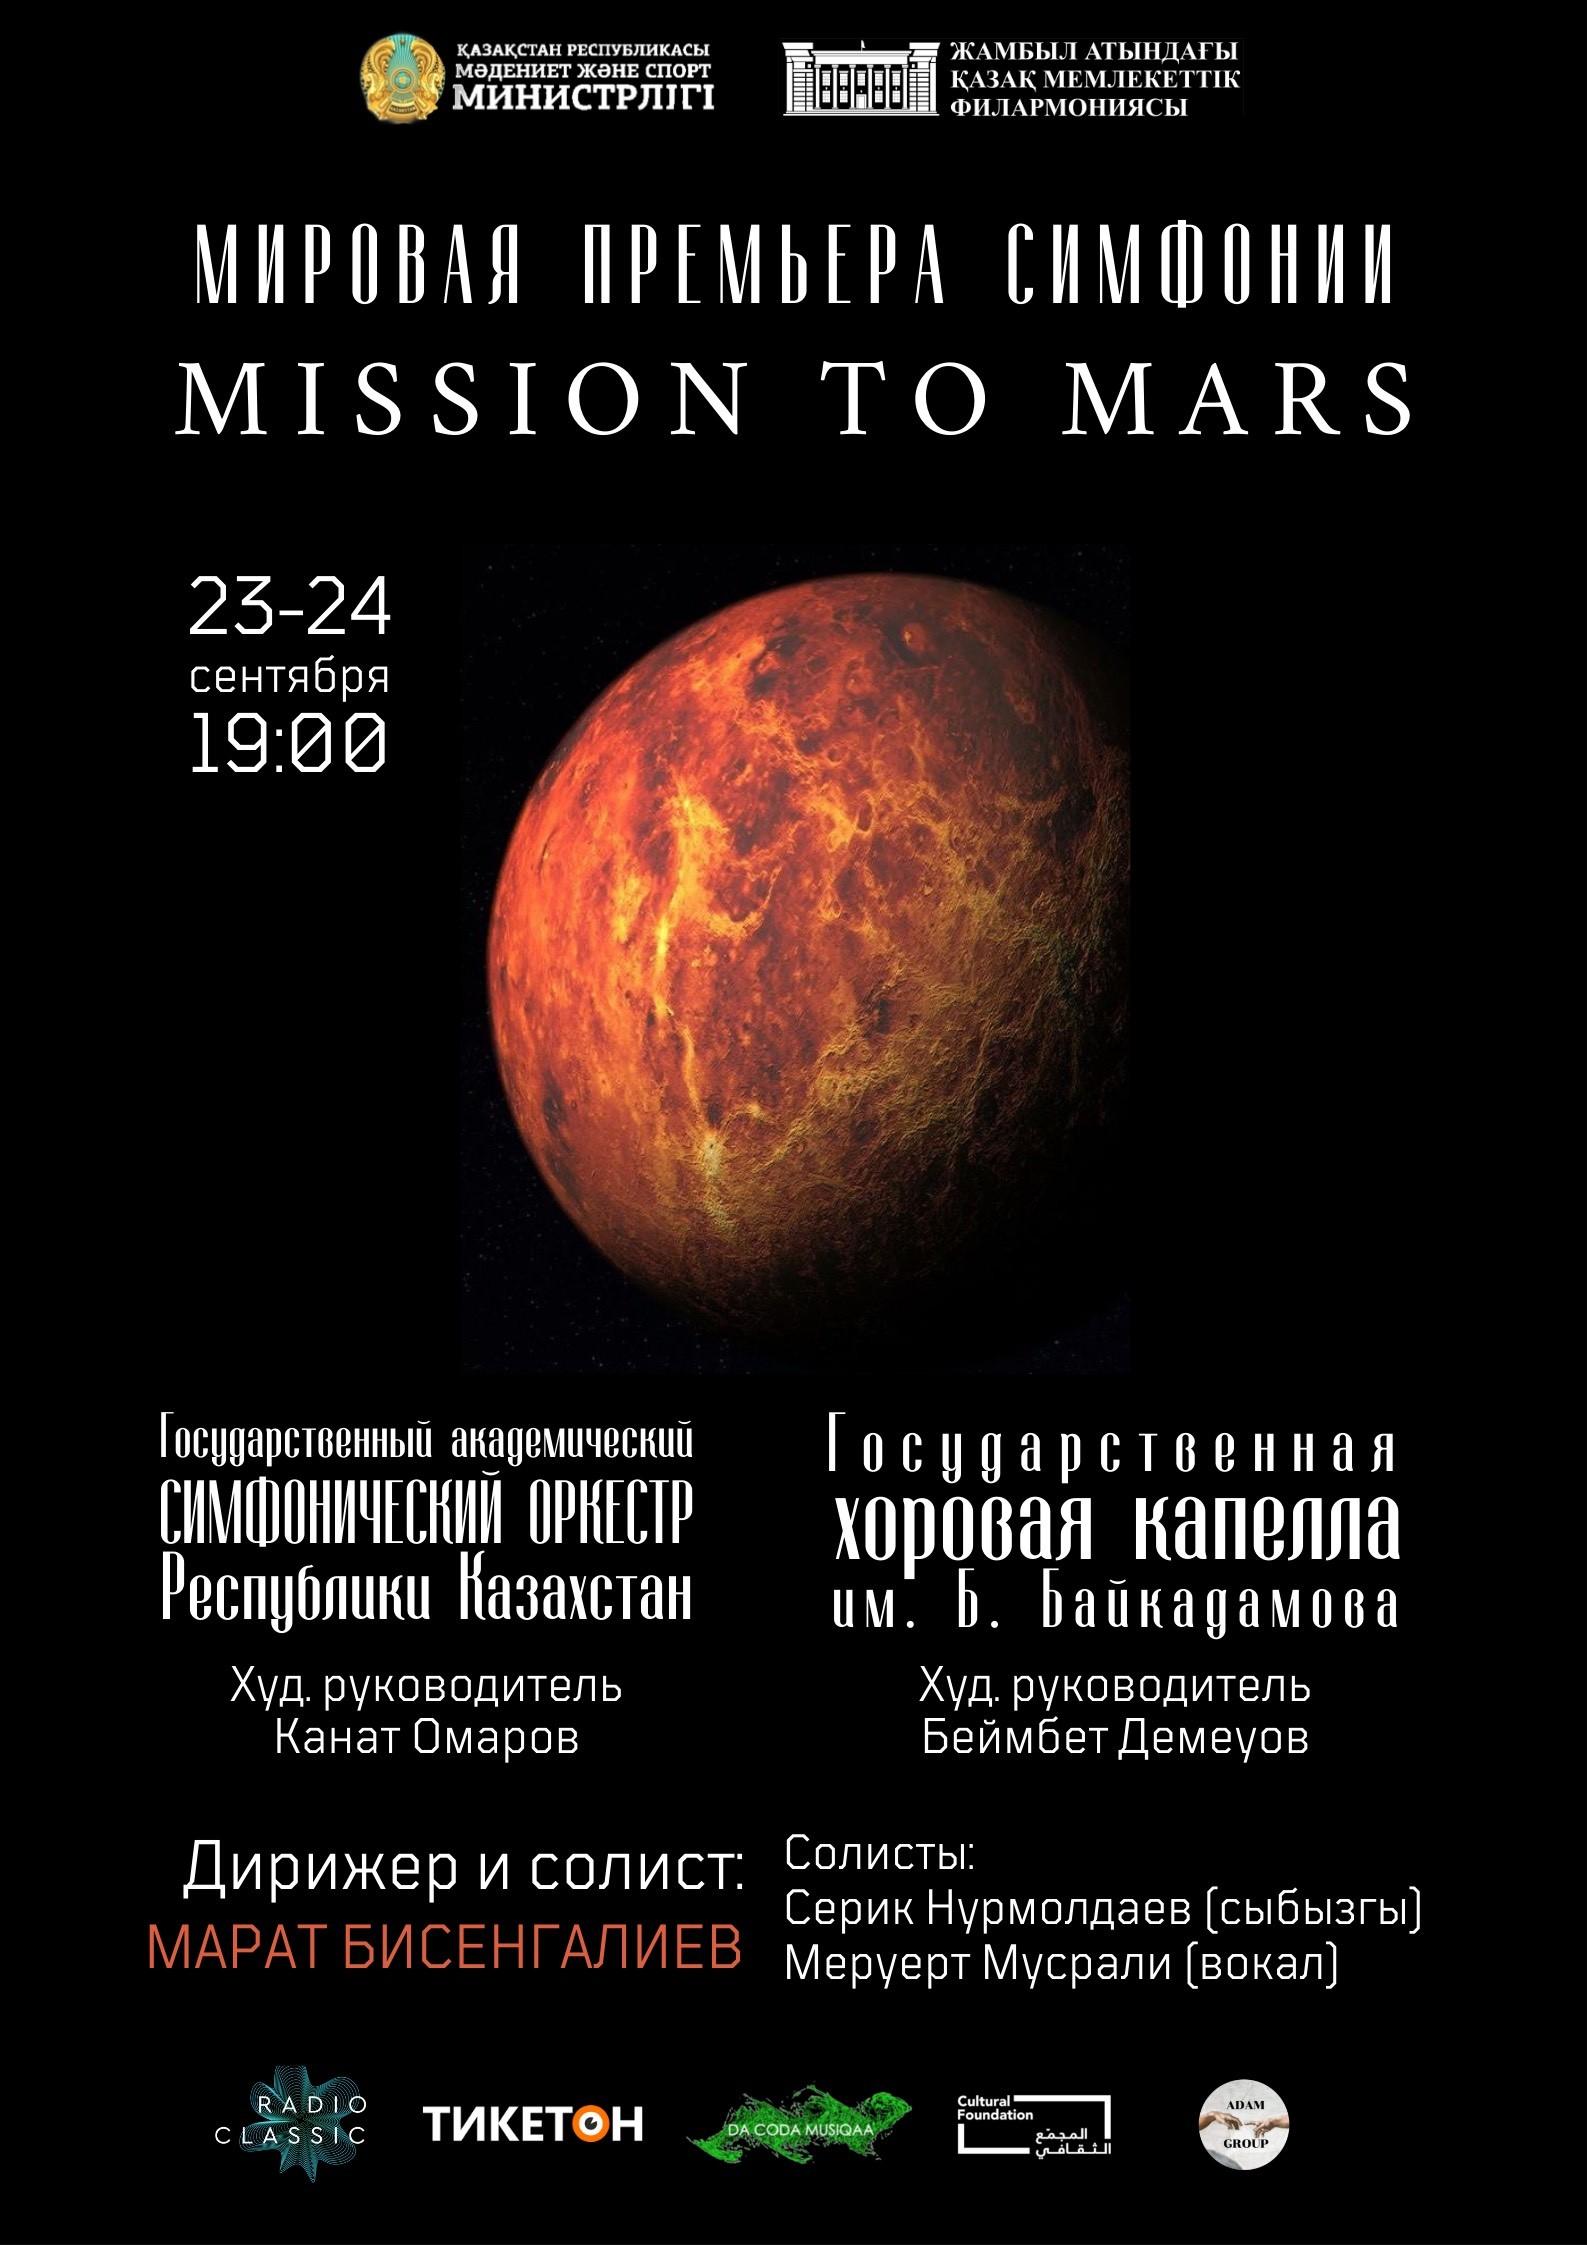 Мировая премьера Симфонии «Mission to Mars»